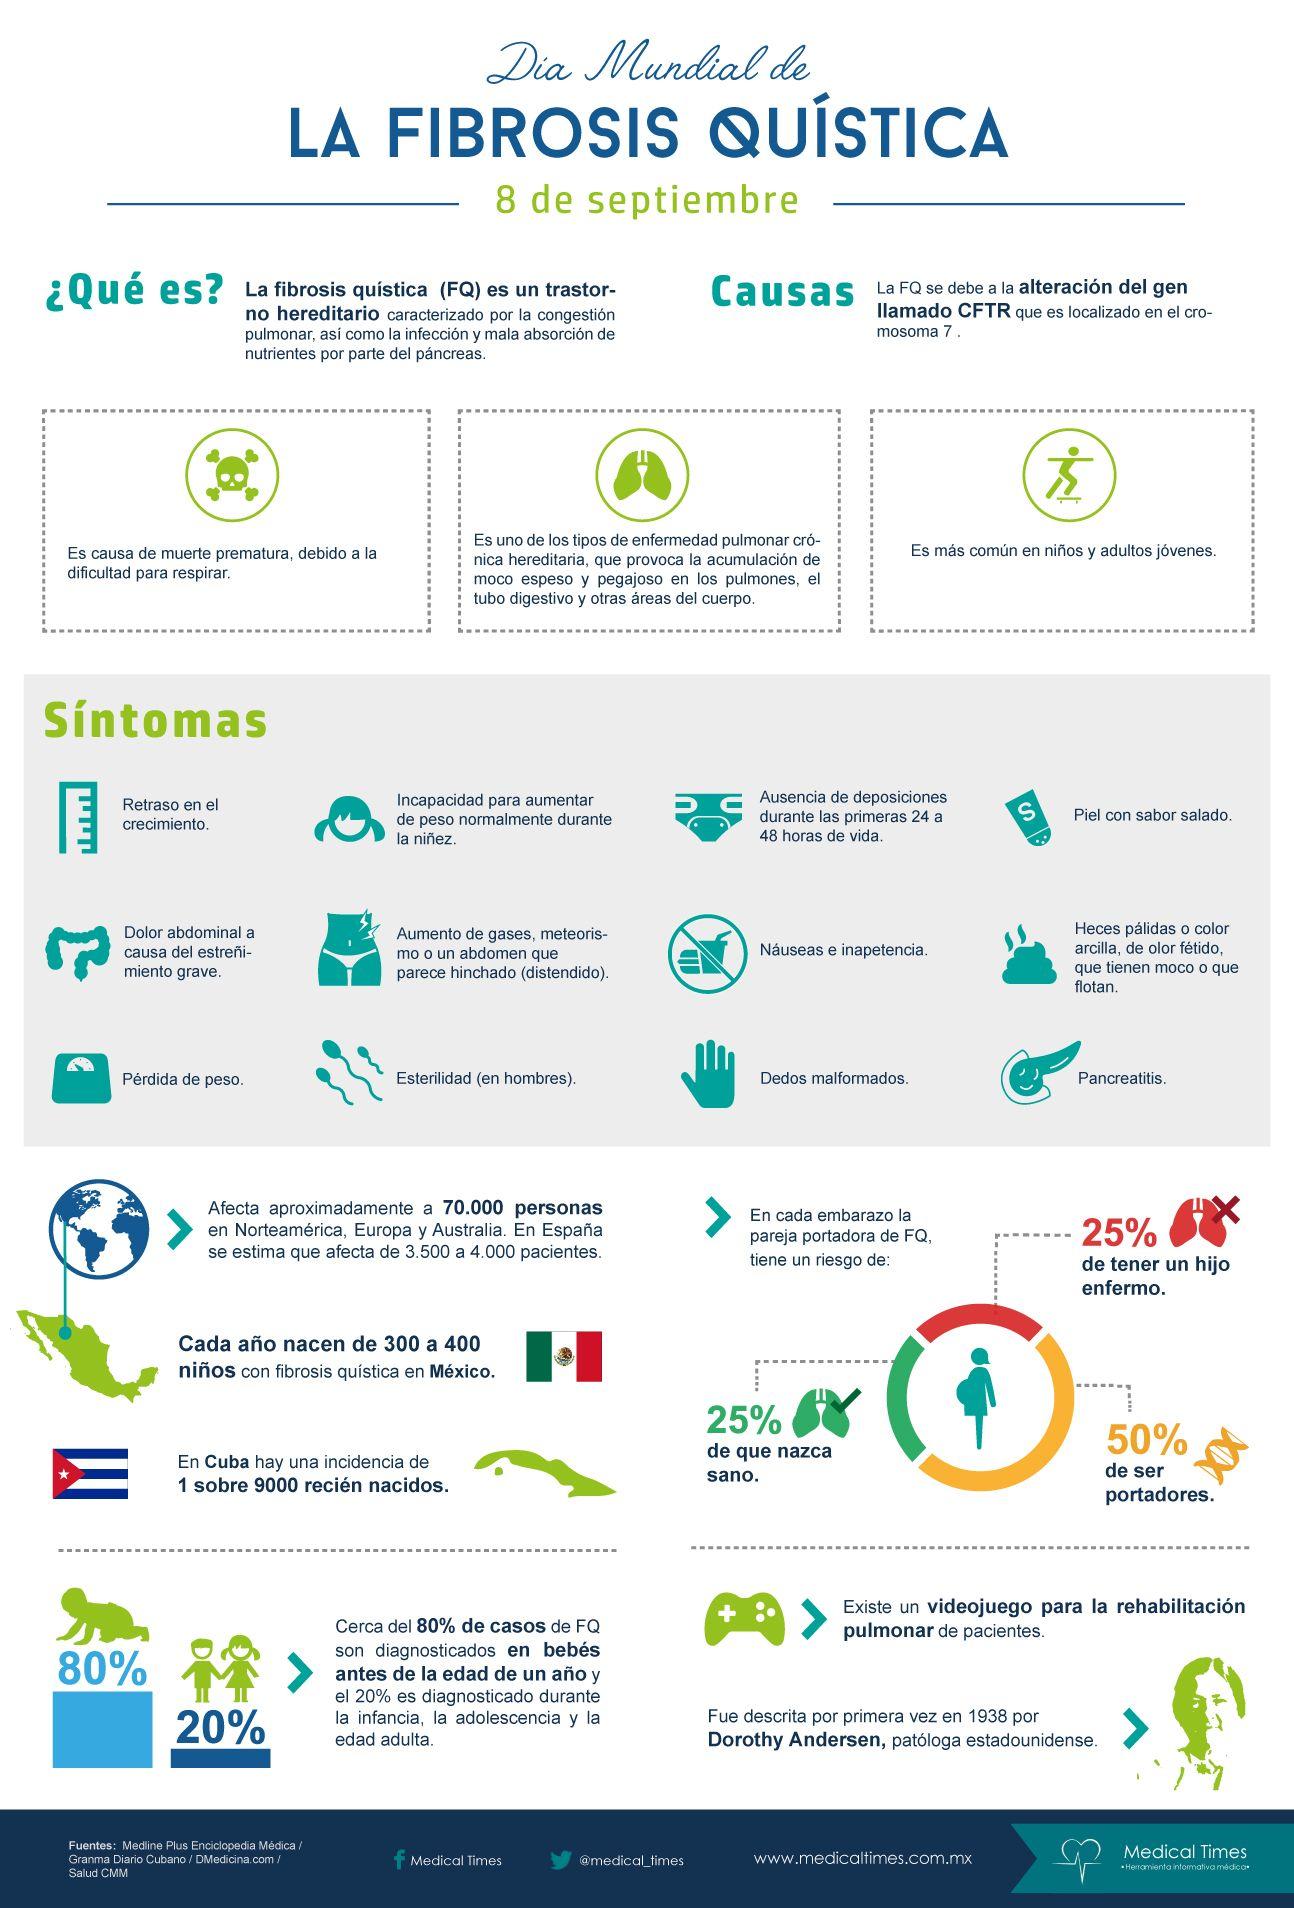 Medical Times - Día Mundial de la Fibrosis Quística, infografía ...